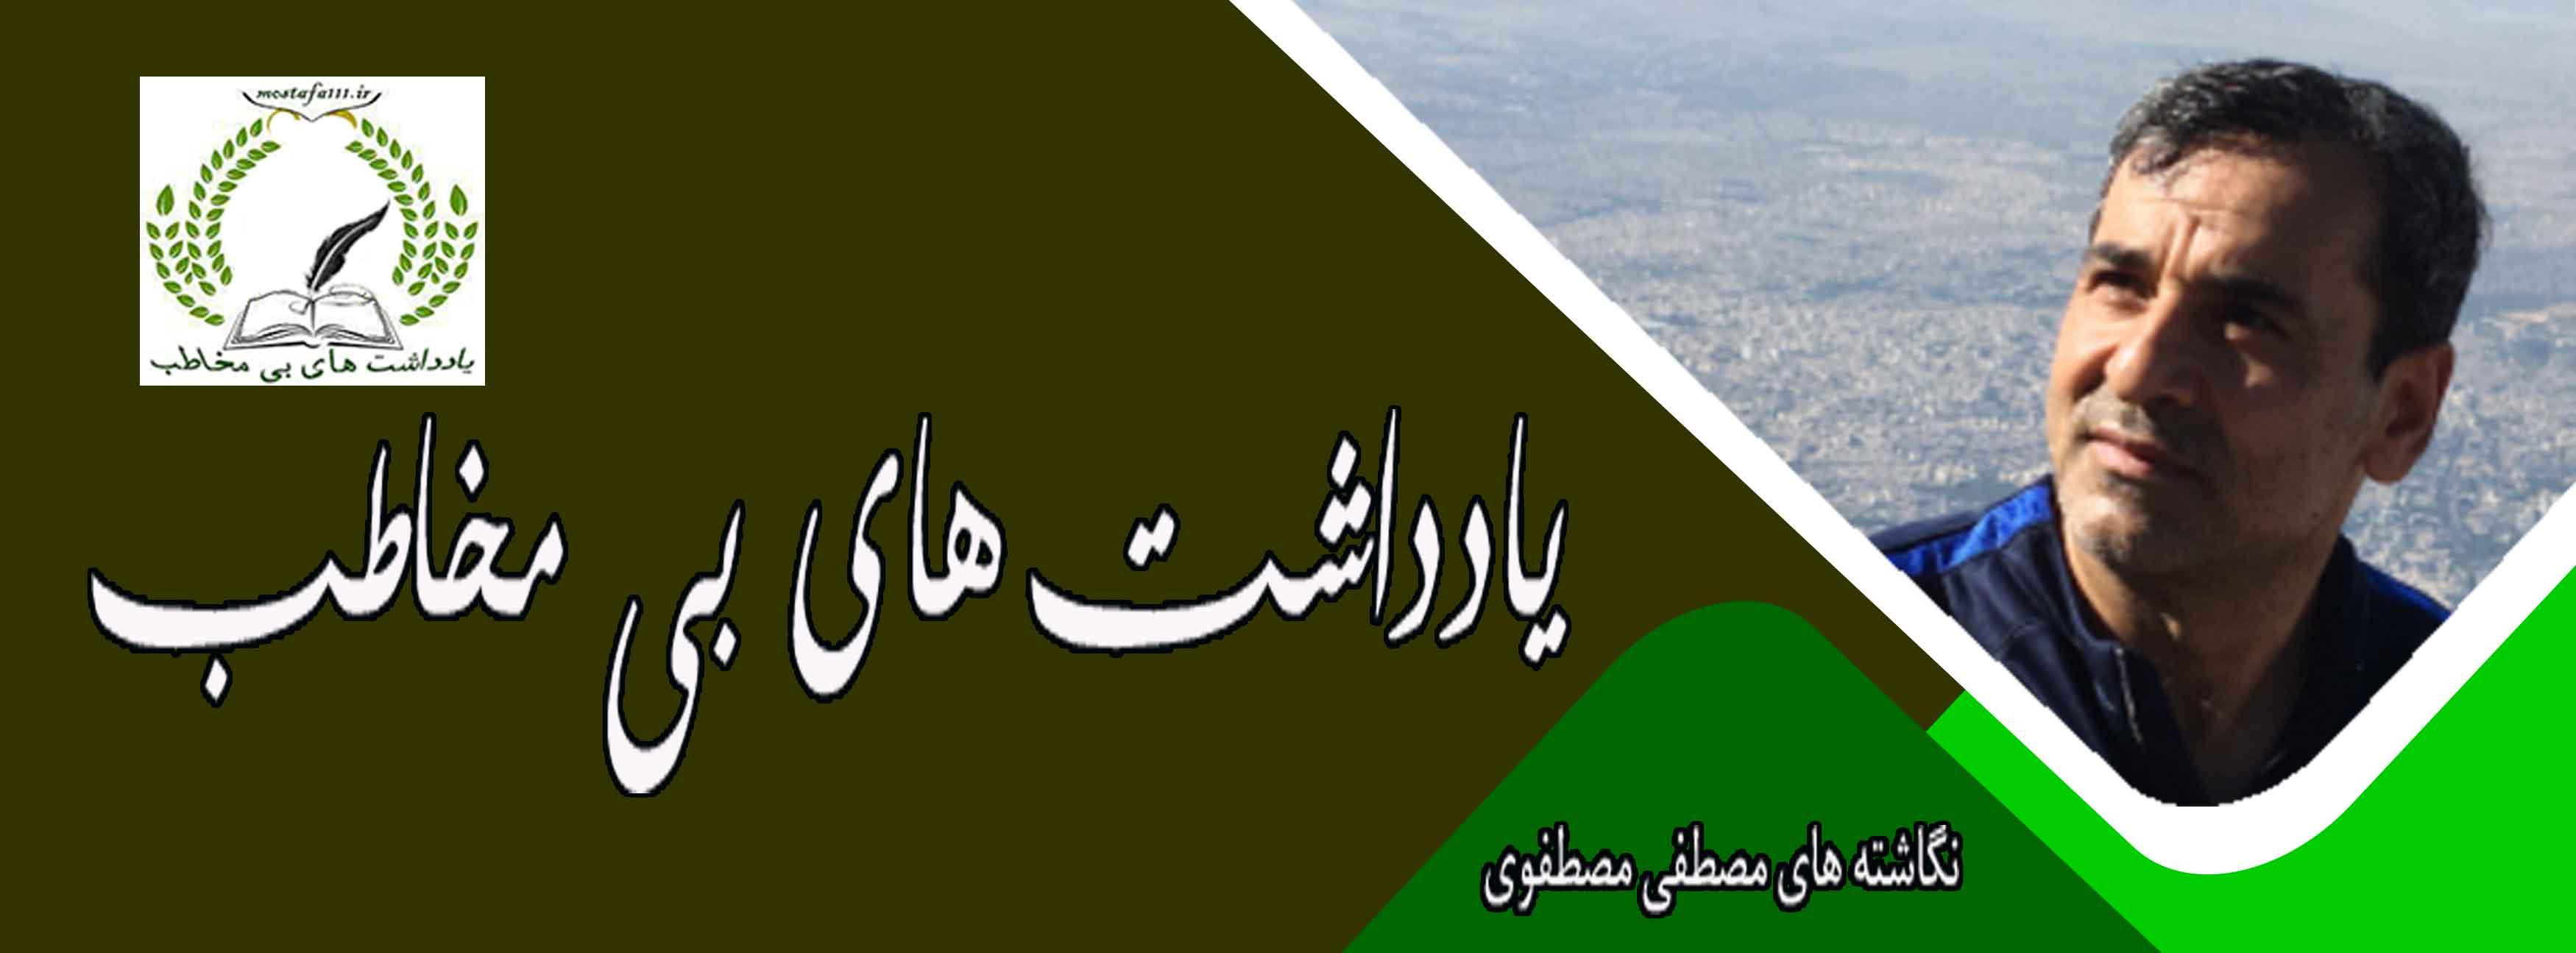 www.mostafa111.ir